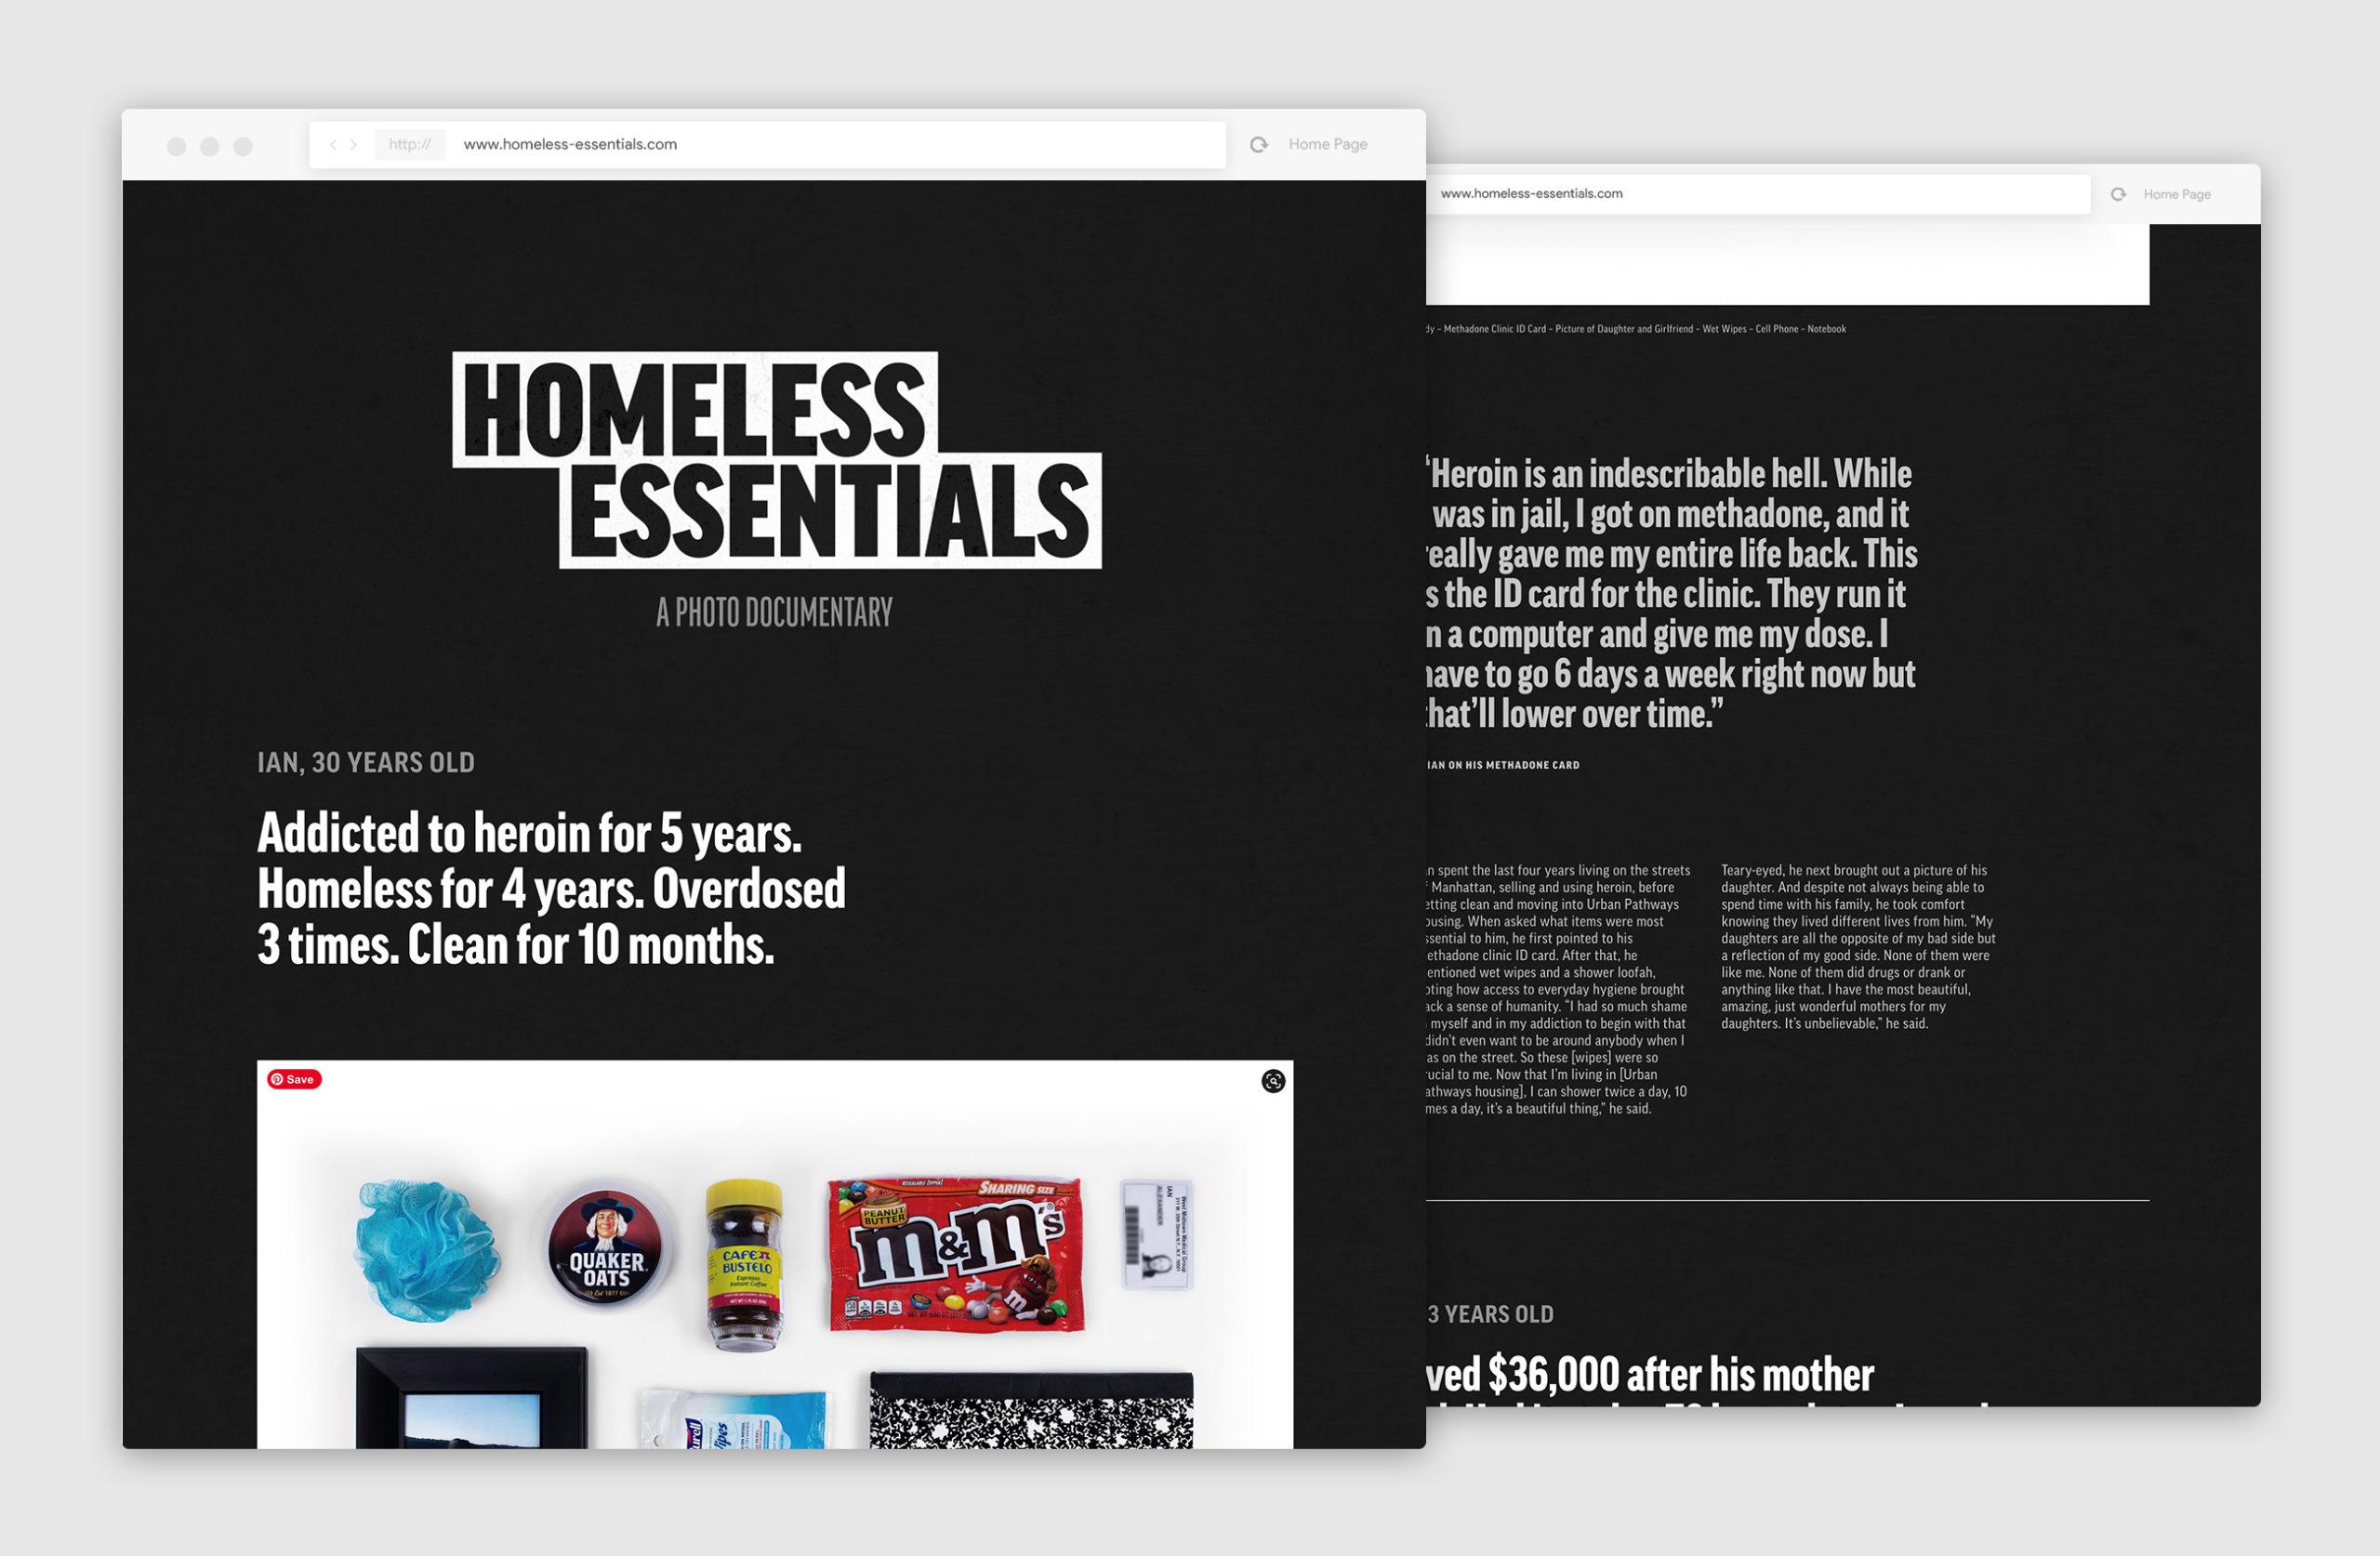 Homeless_Essentials